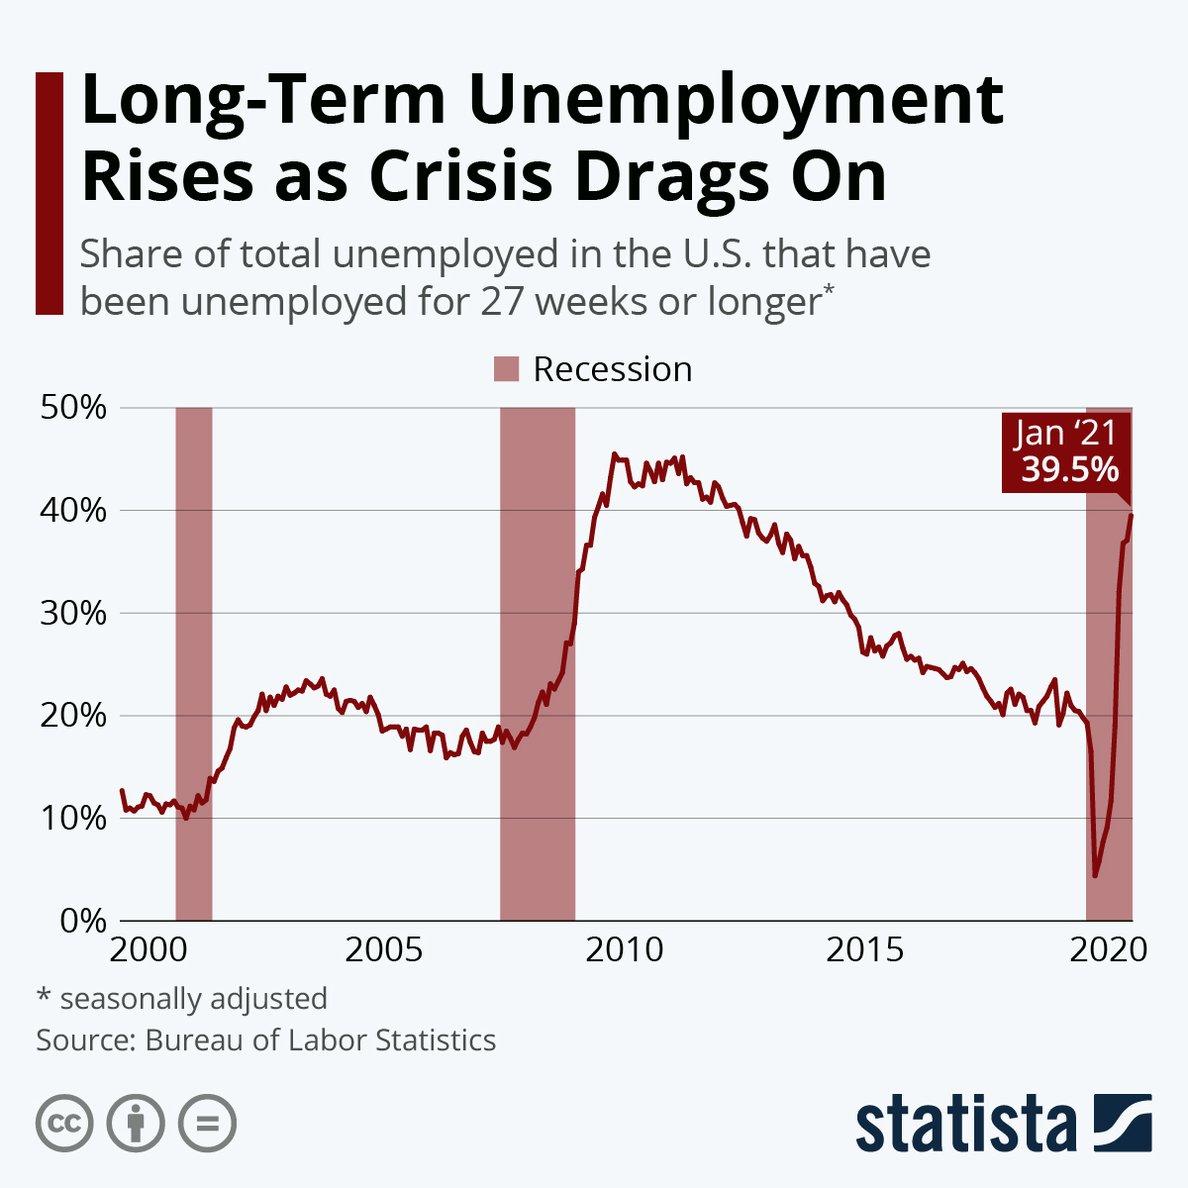 long-term-unemployment-rises-in-us